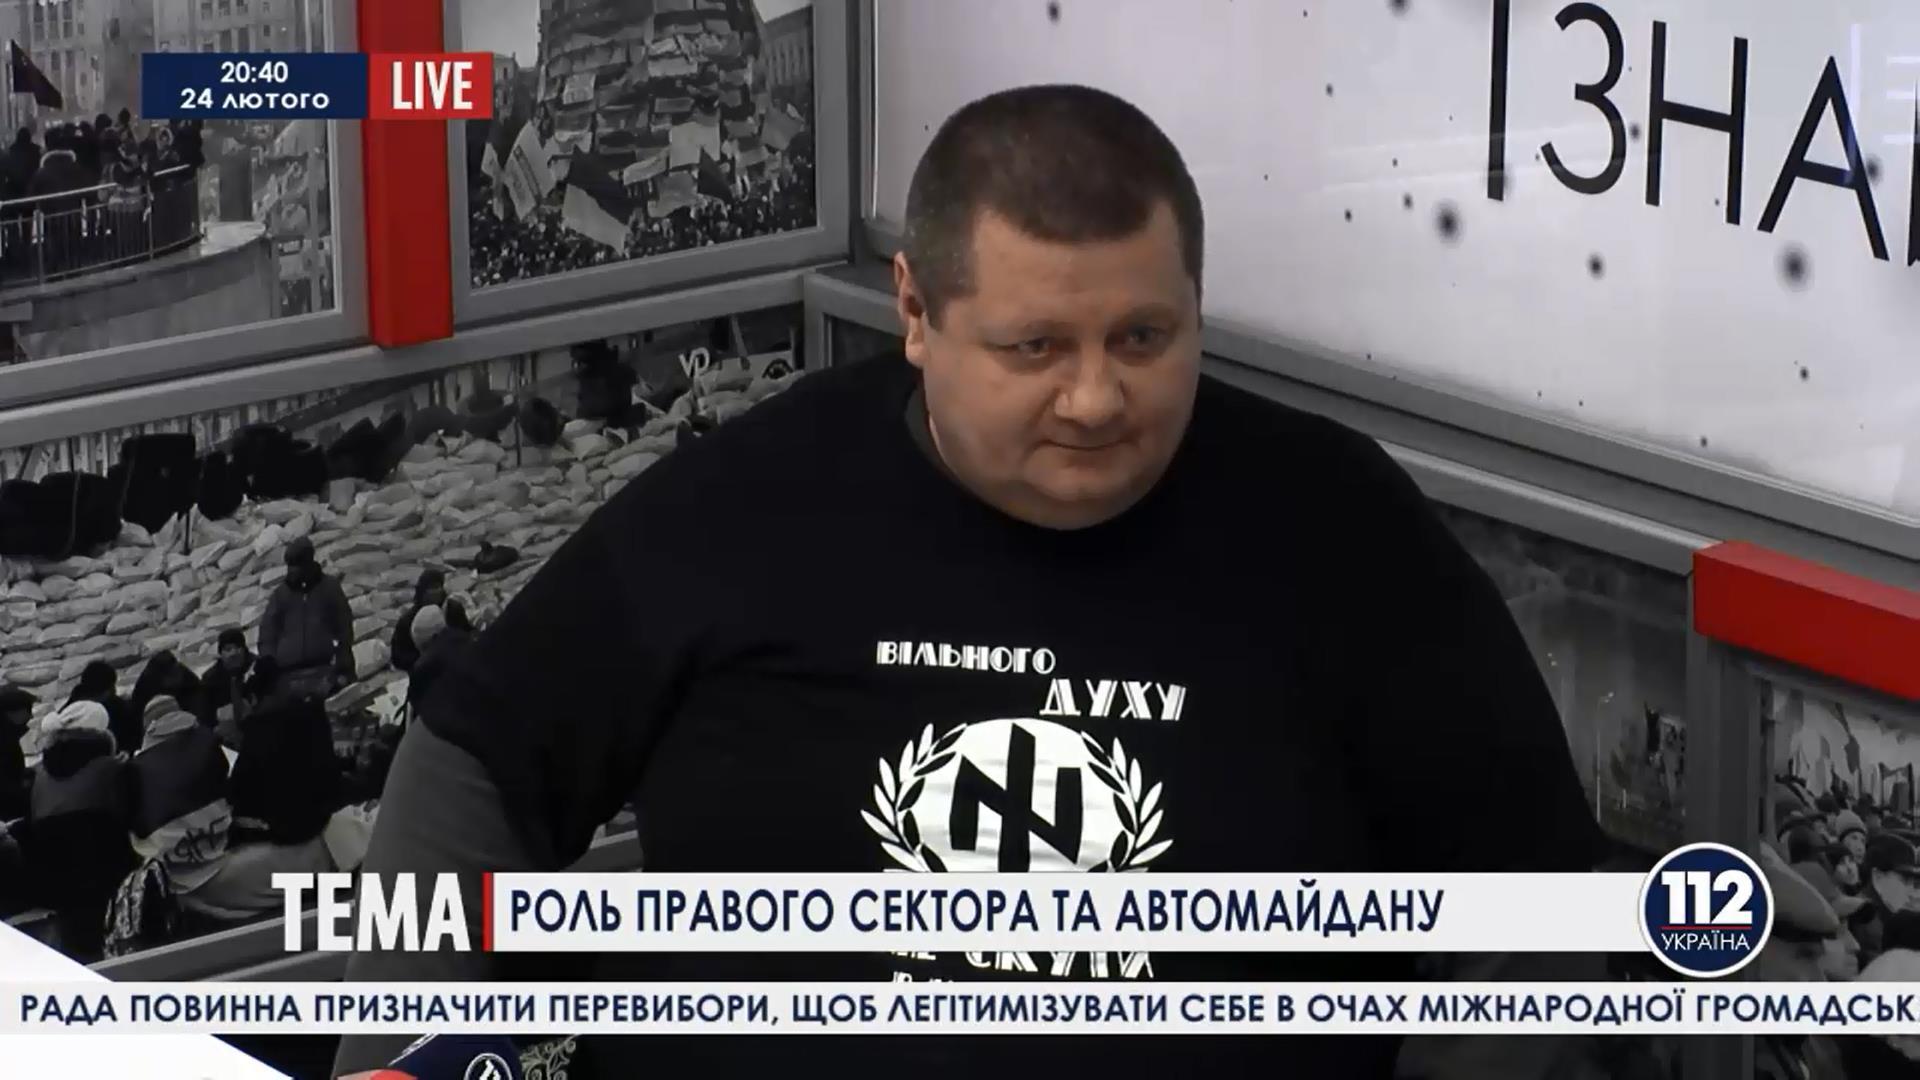 Игорь Мосийчук в студии канала «112 Украина», Киев, 24 февраля 2014 года